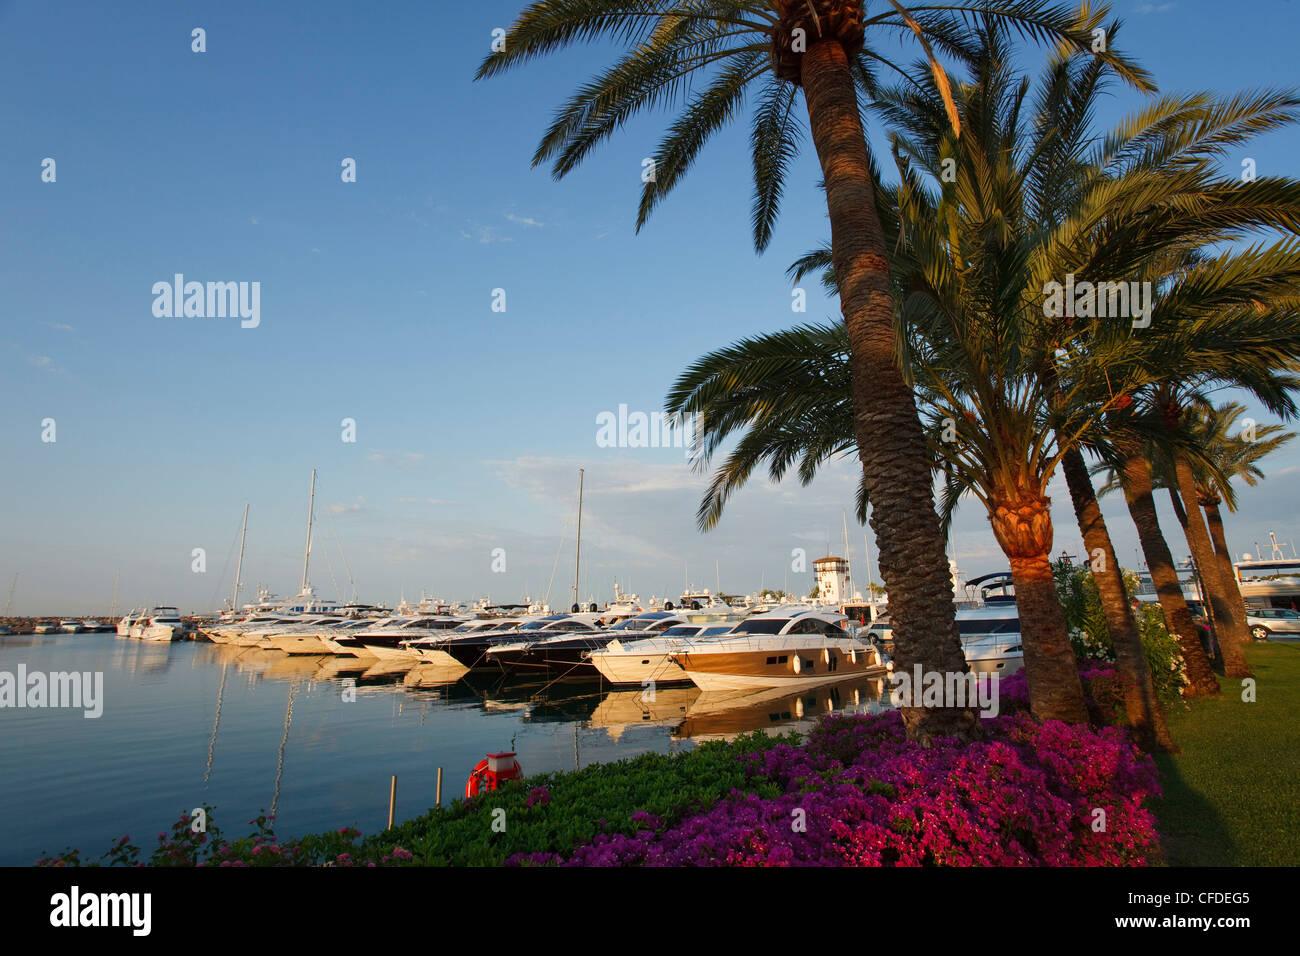 Boats at marina at Portals Nous, Mallorca, Balearic Islands, Spain, Europe - Stock Image